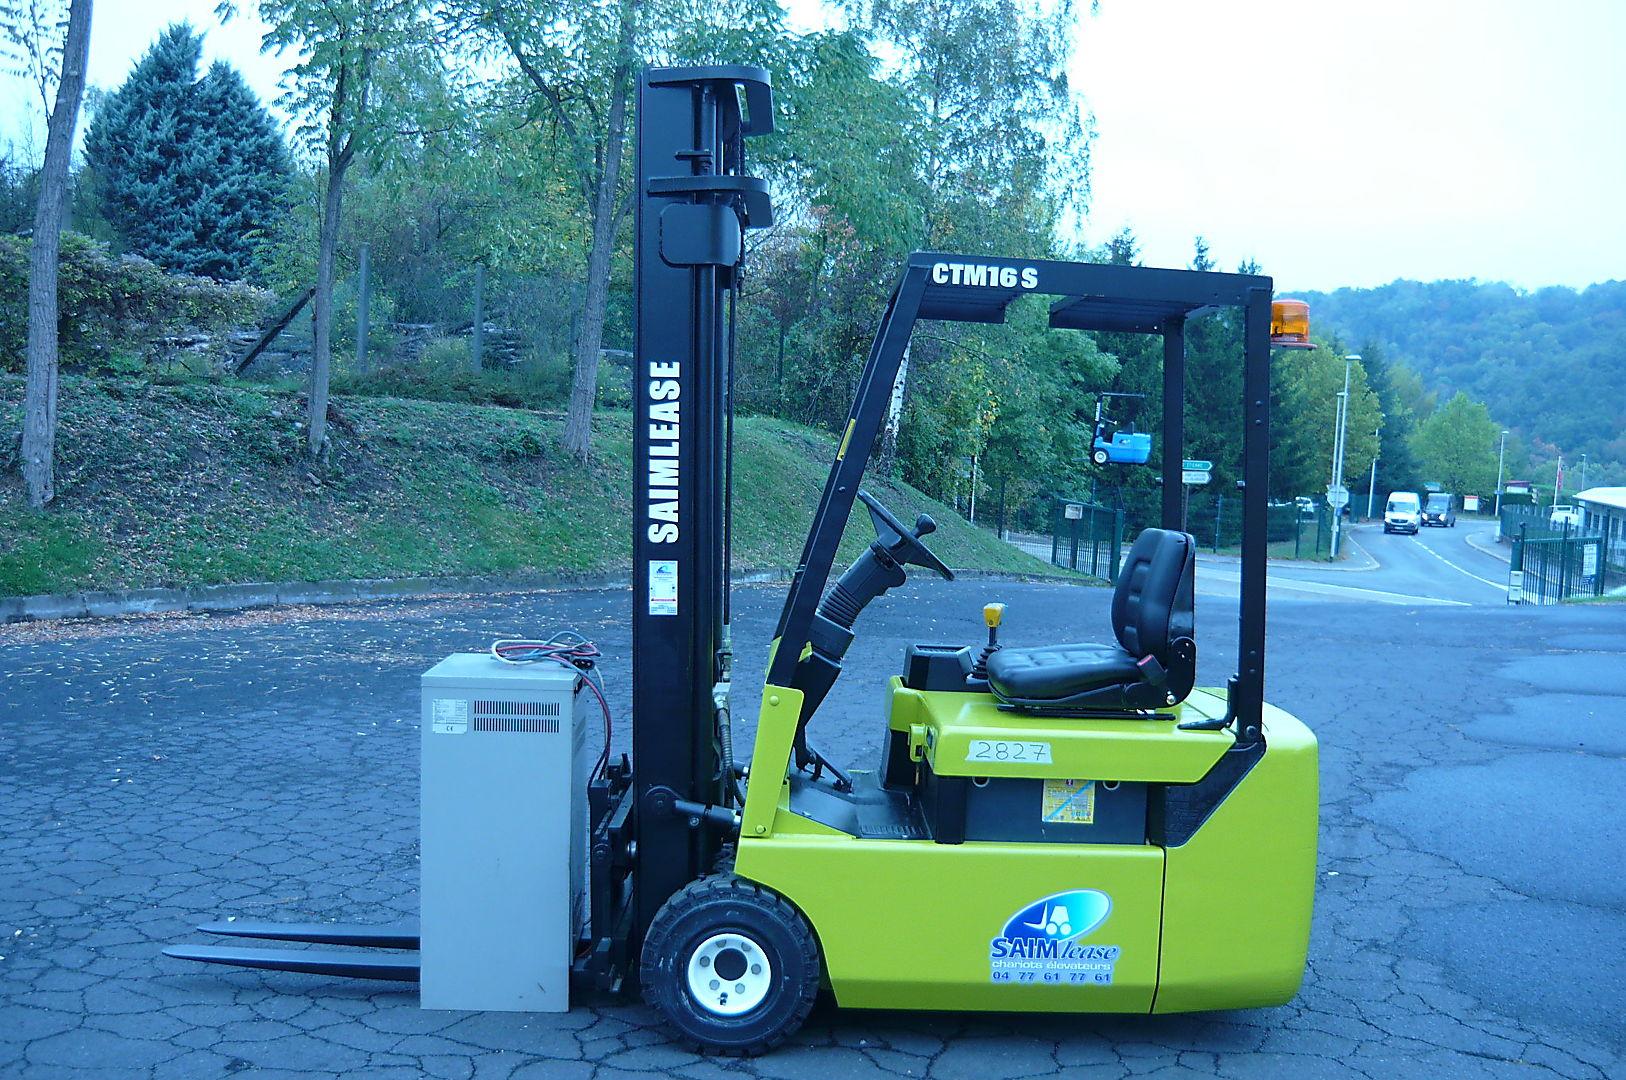 chariot élévateur à fourches CLARK CTM16S location vente neuf ou occasion